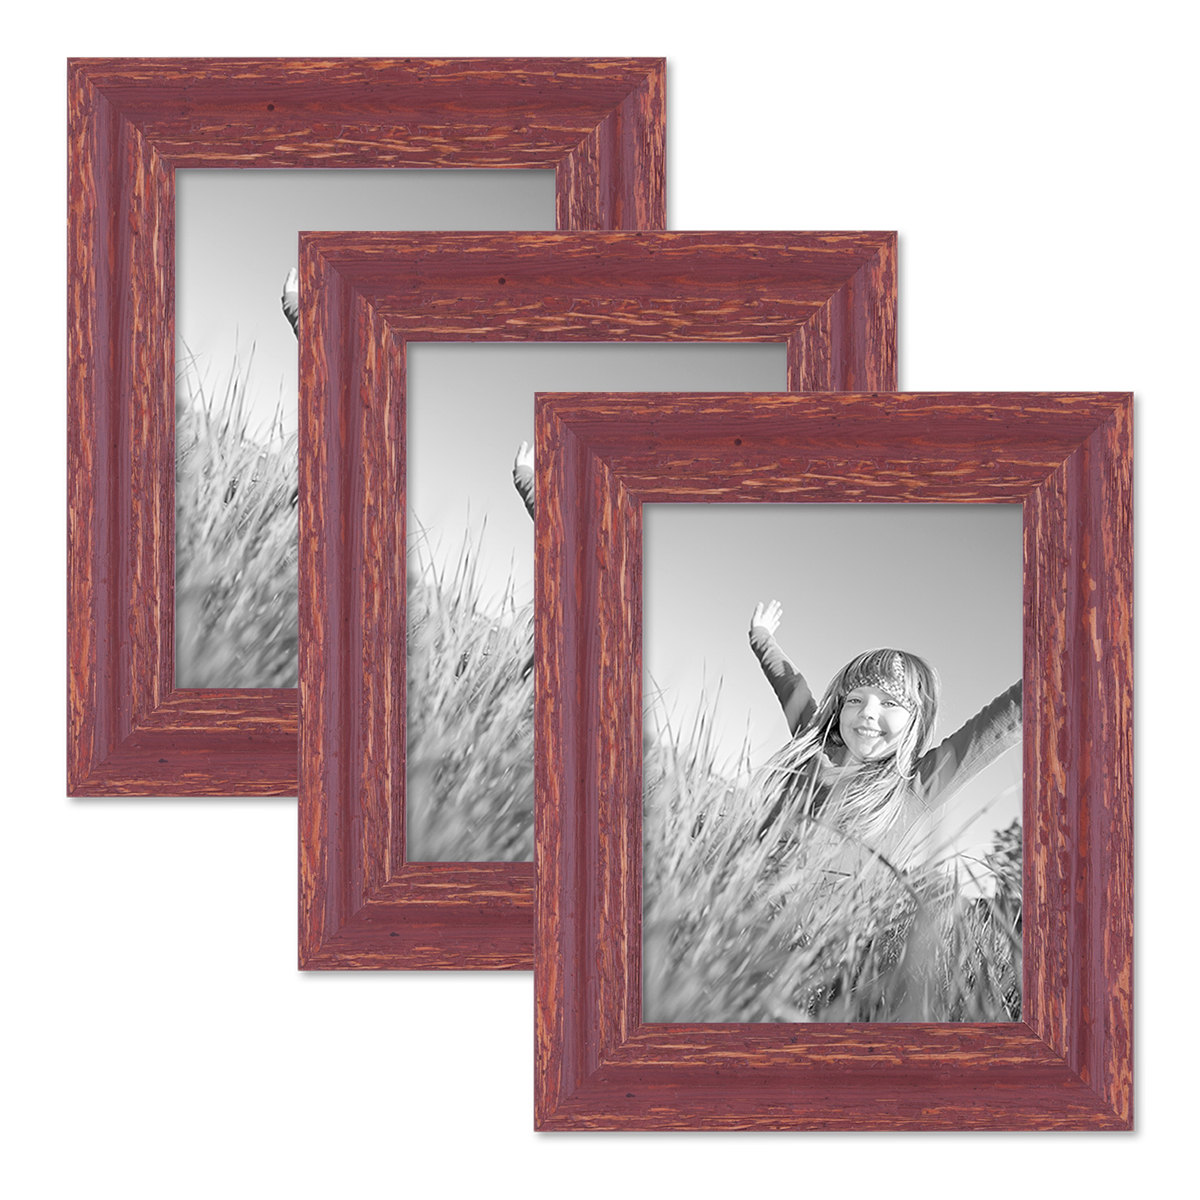 3er set bilderrahmen 18x24 cm holz rot braun shabby chic vintage massivholz mit glasscheibe und. Black Bedroom Furniture Sets. Home Design Ideas